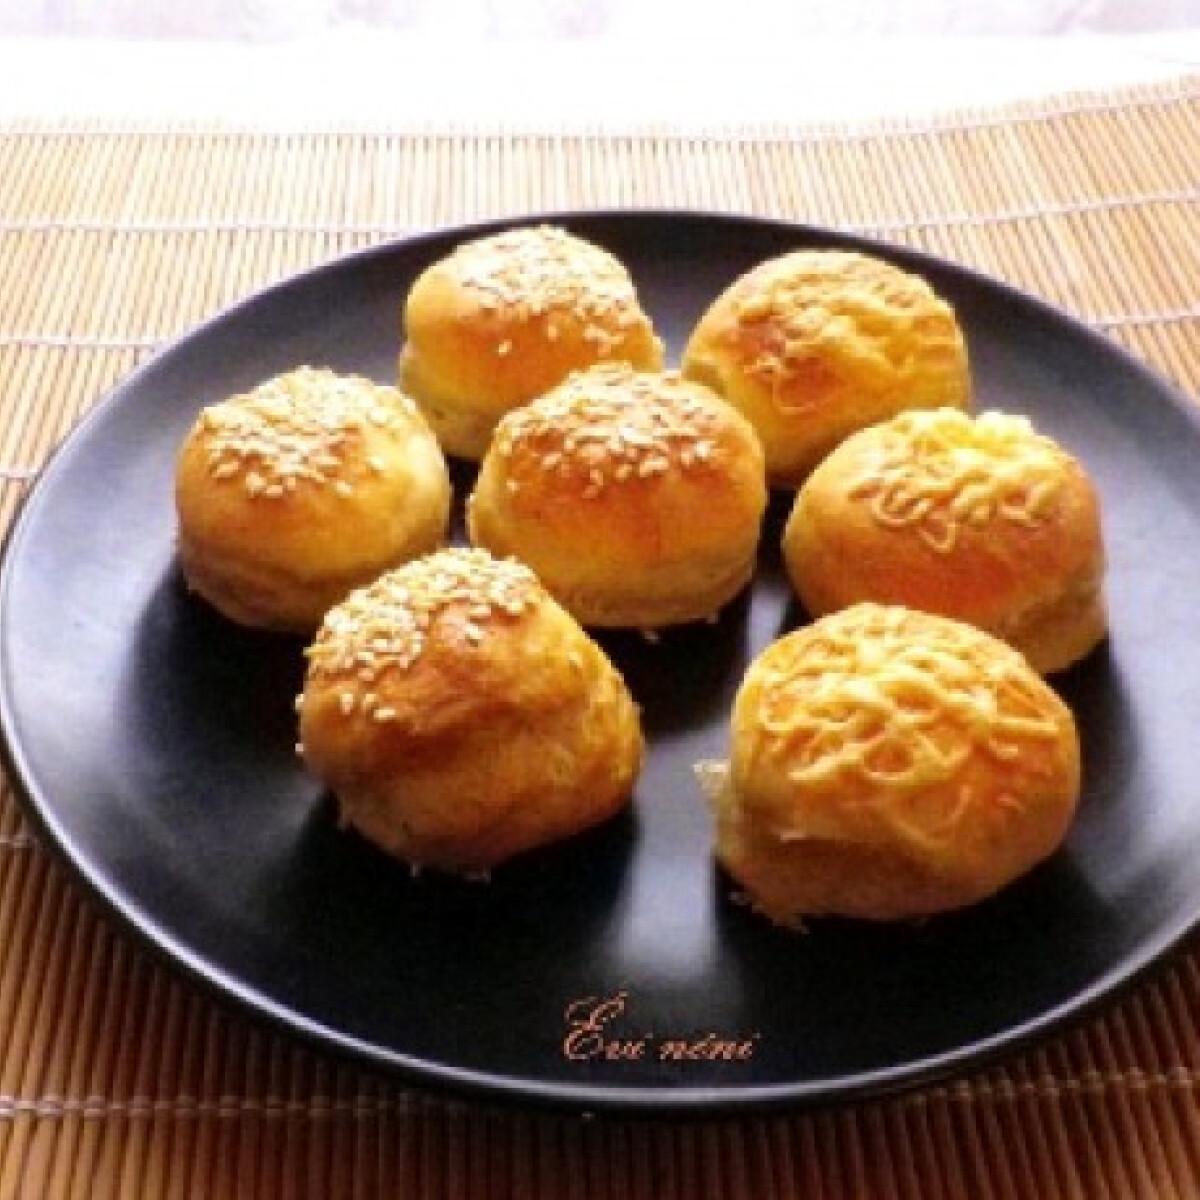 Ezen a képen: Krumplis pogácsa Évi nénitől